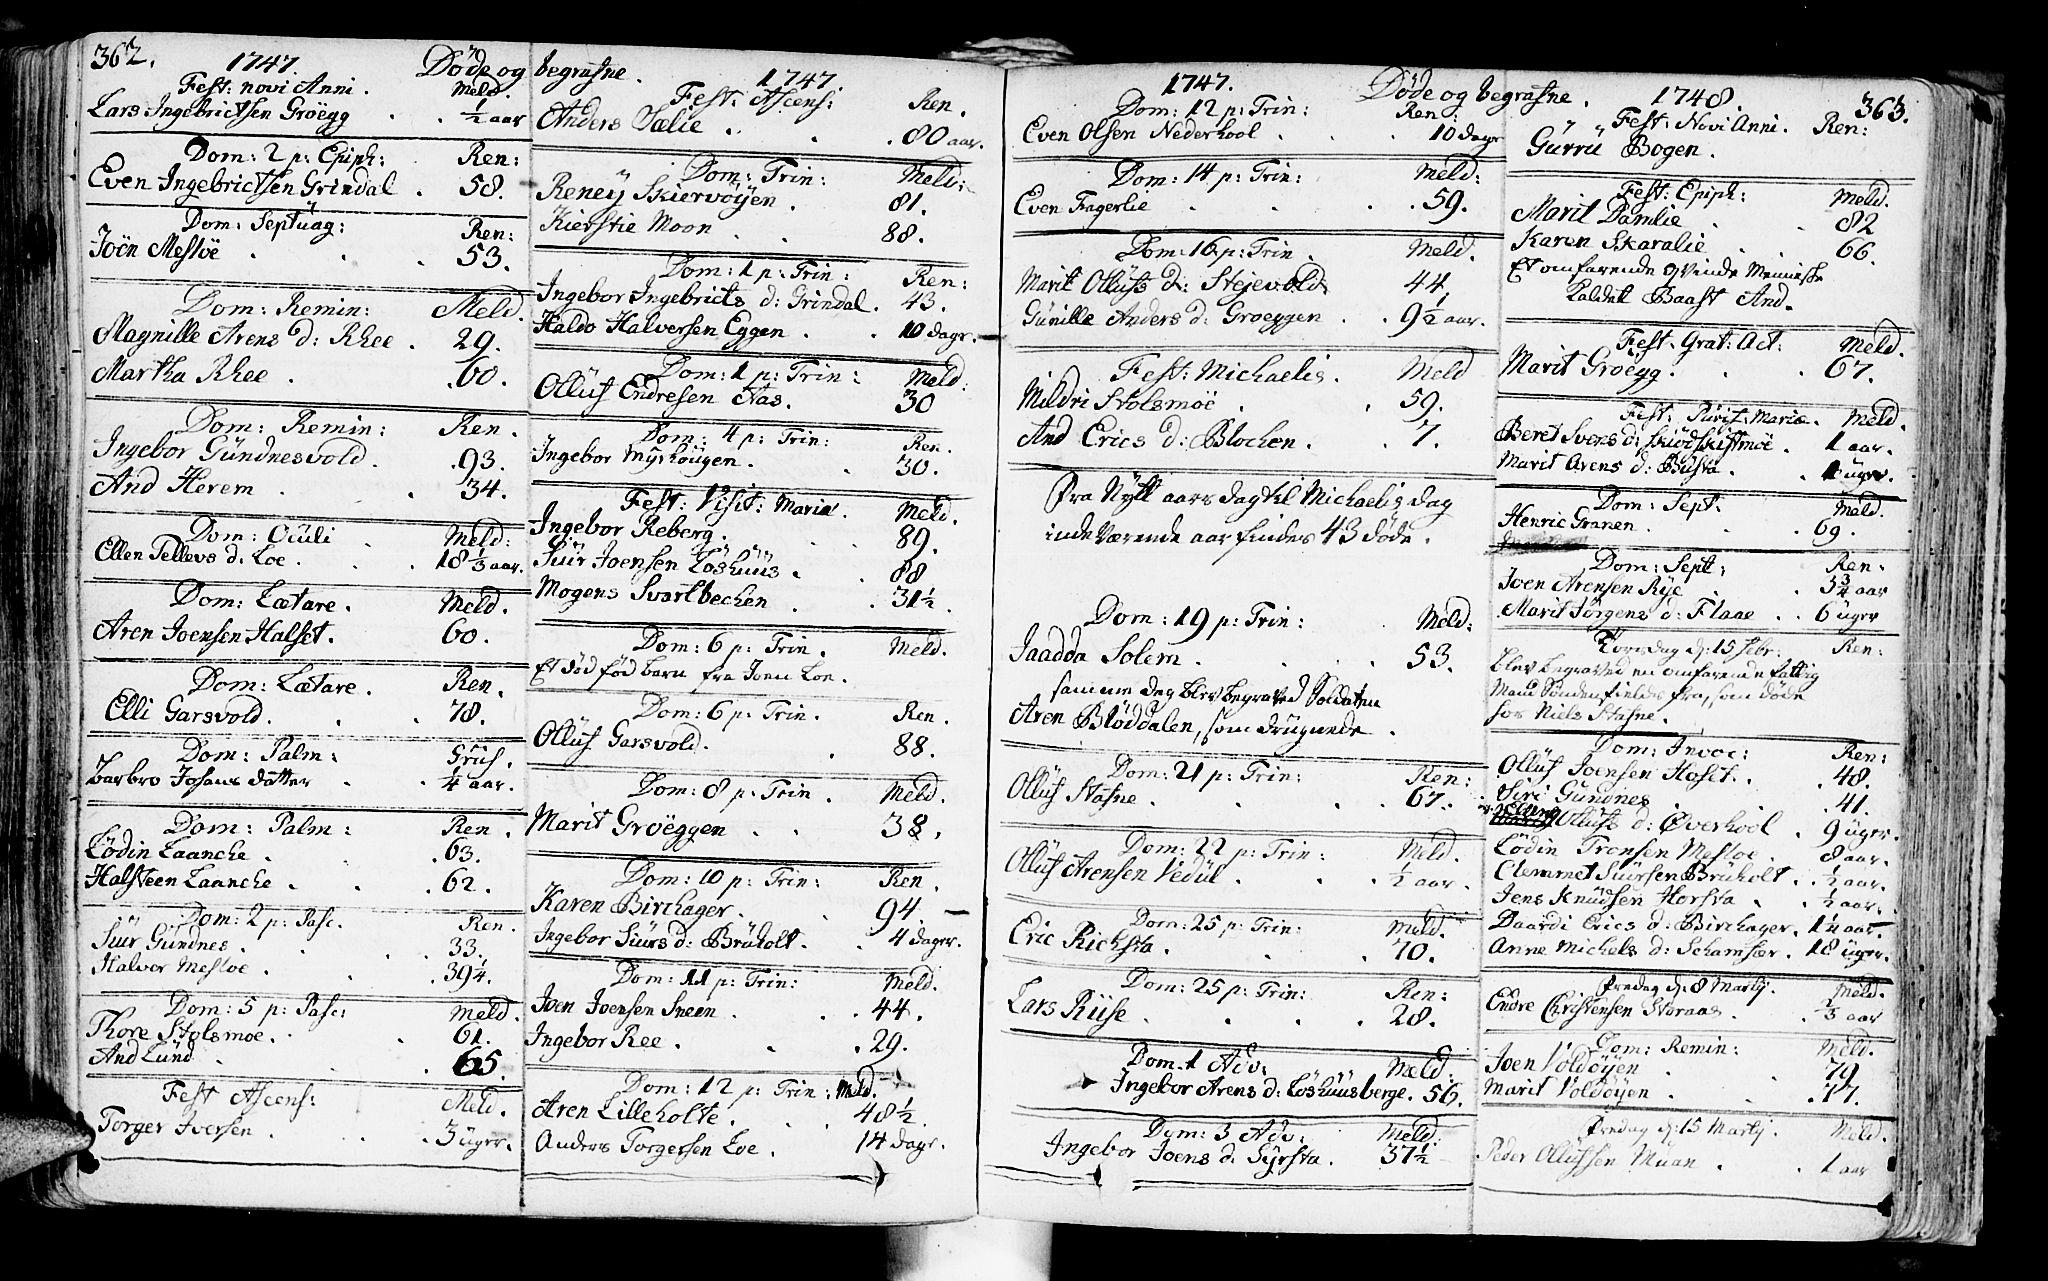 SAT, Ministerialprotokoller, klokkerbøker og fødselsregistre - Sør-Trøndelag, 672/L0850: Ministerialbok nr. 672A03, 1725-1751, s. 362-363